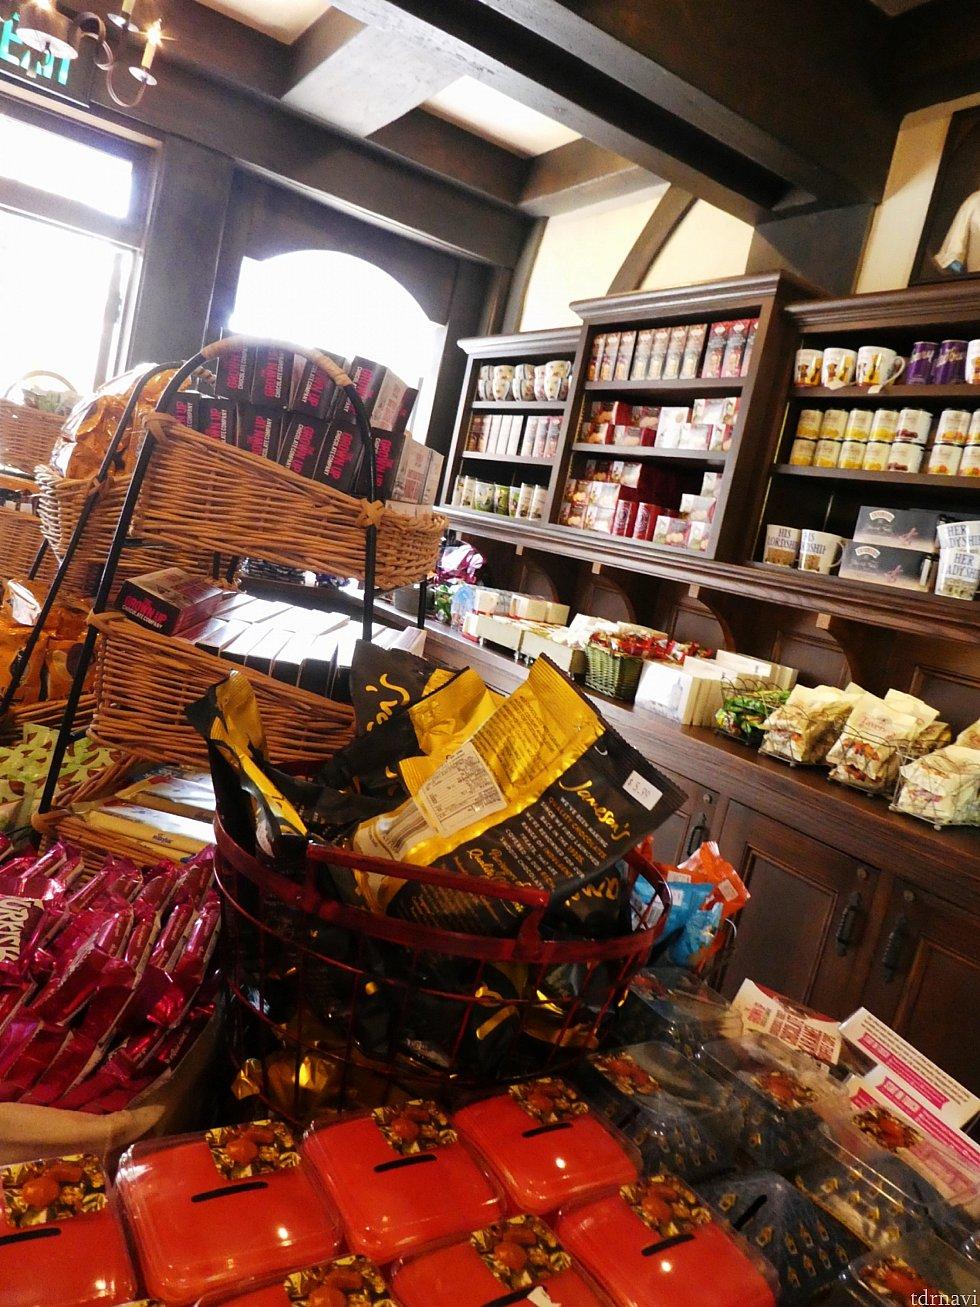 スイーツのお店ではイギリス直輸入のクッキーやキャンディーがたくさんありました。